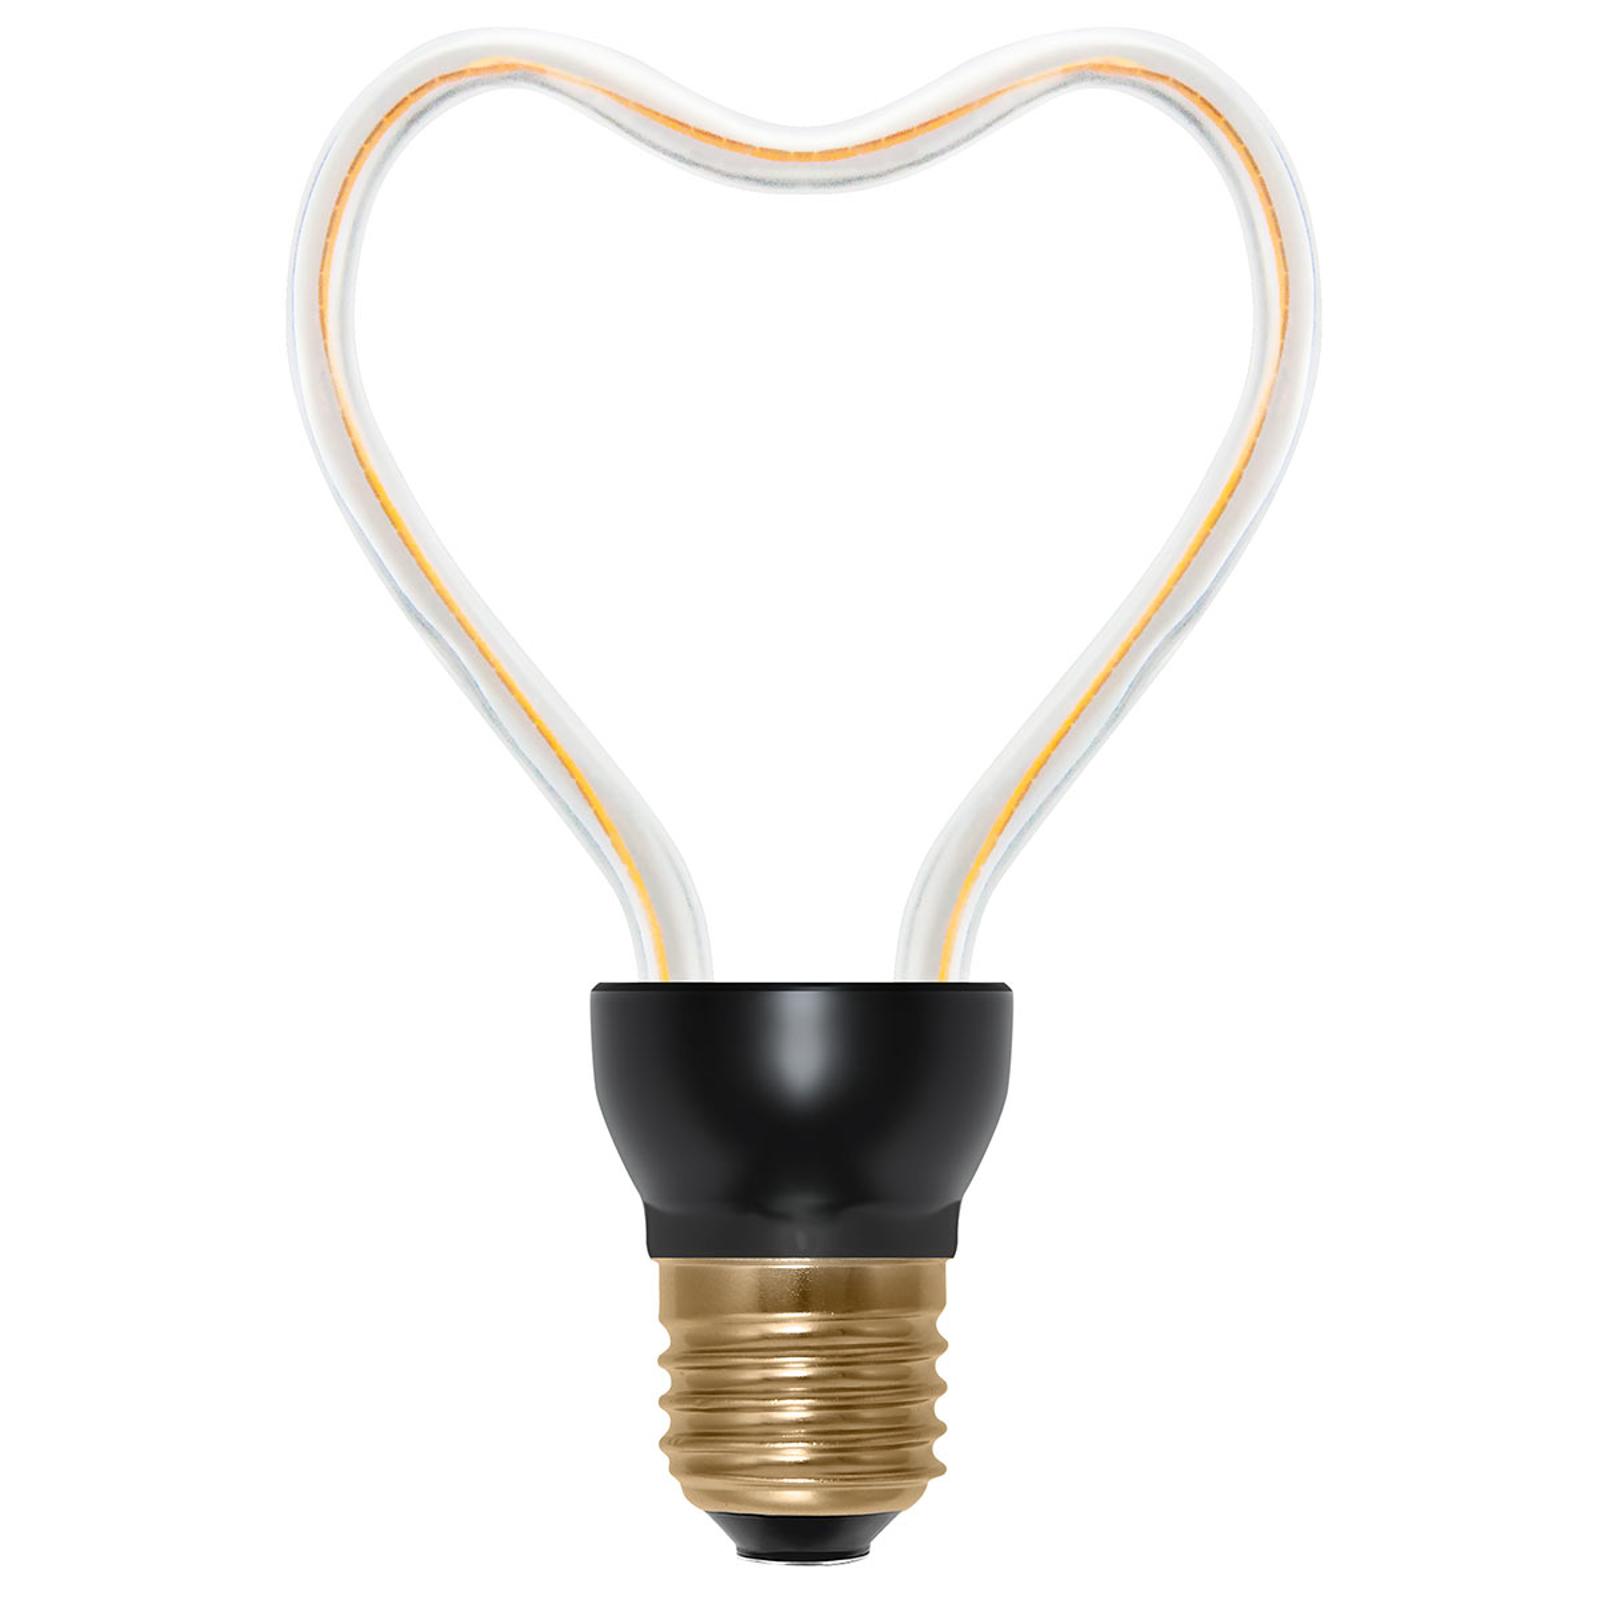 LED-lamppu Art Line Heart E27 8 W 330 lm valkoinen